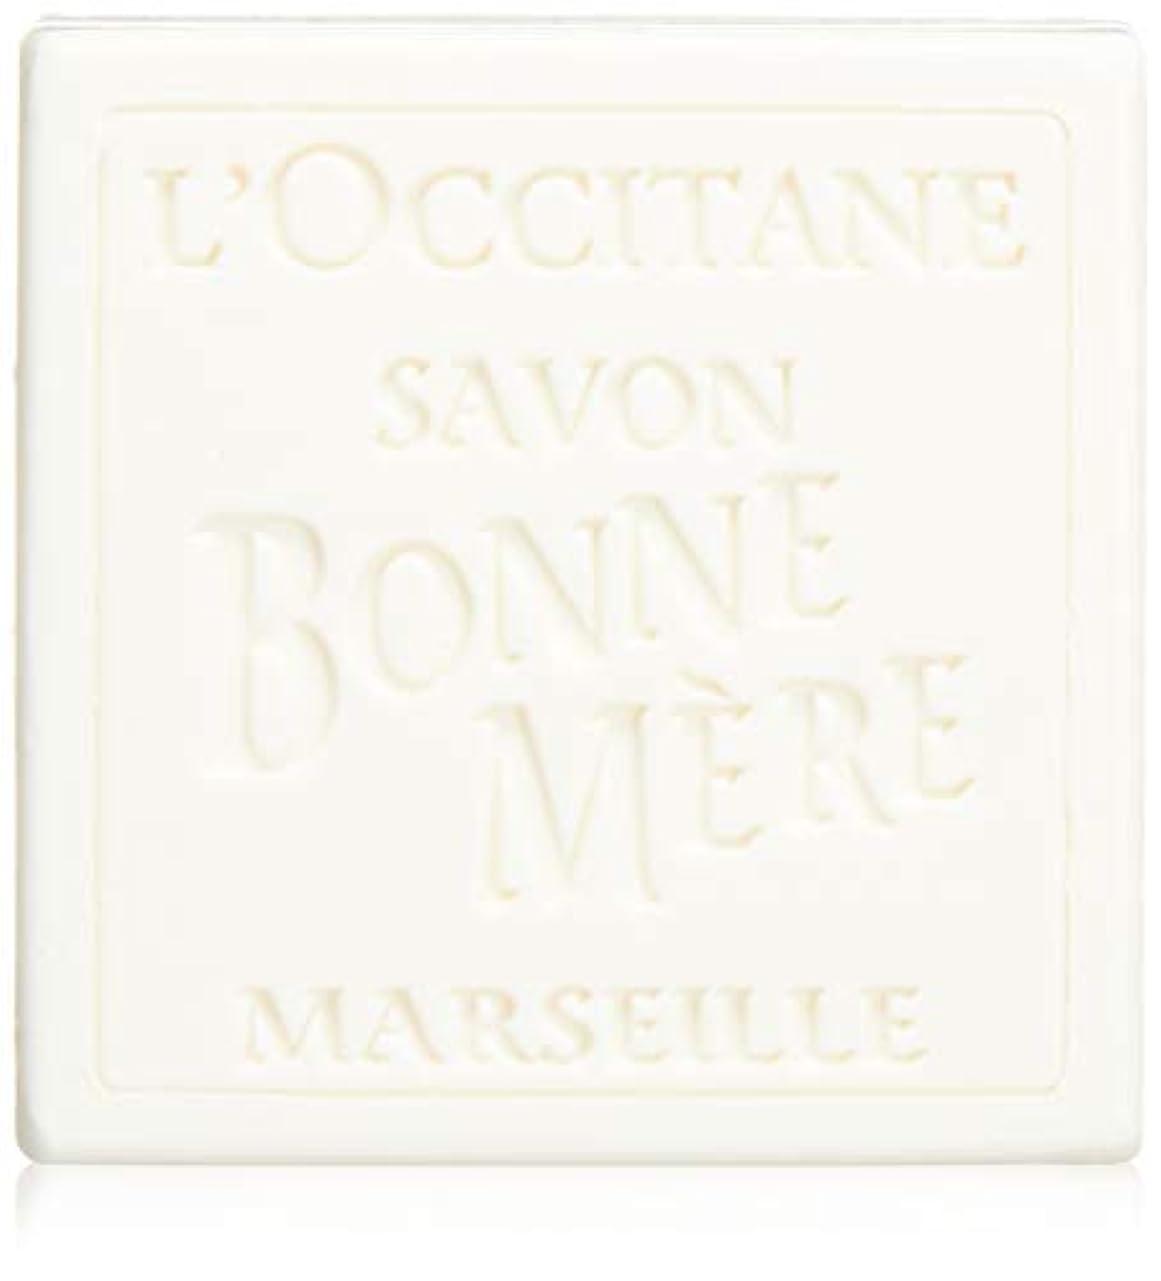 操縦する羊証拠ロクシタン(L'OCCITANE) ボンメールソープ ミルク 100g